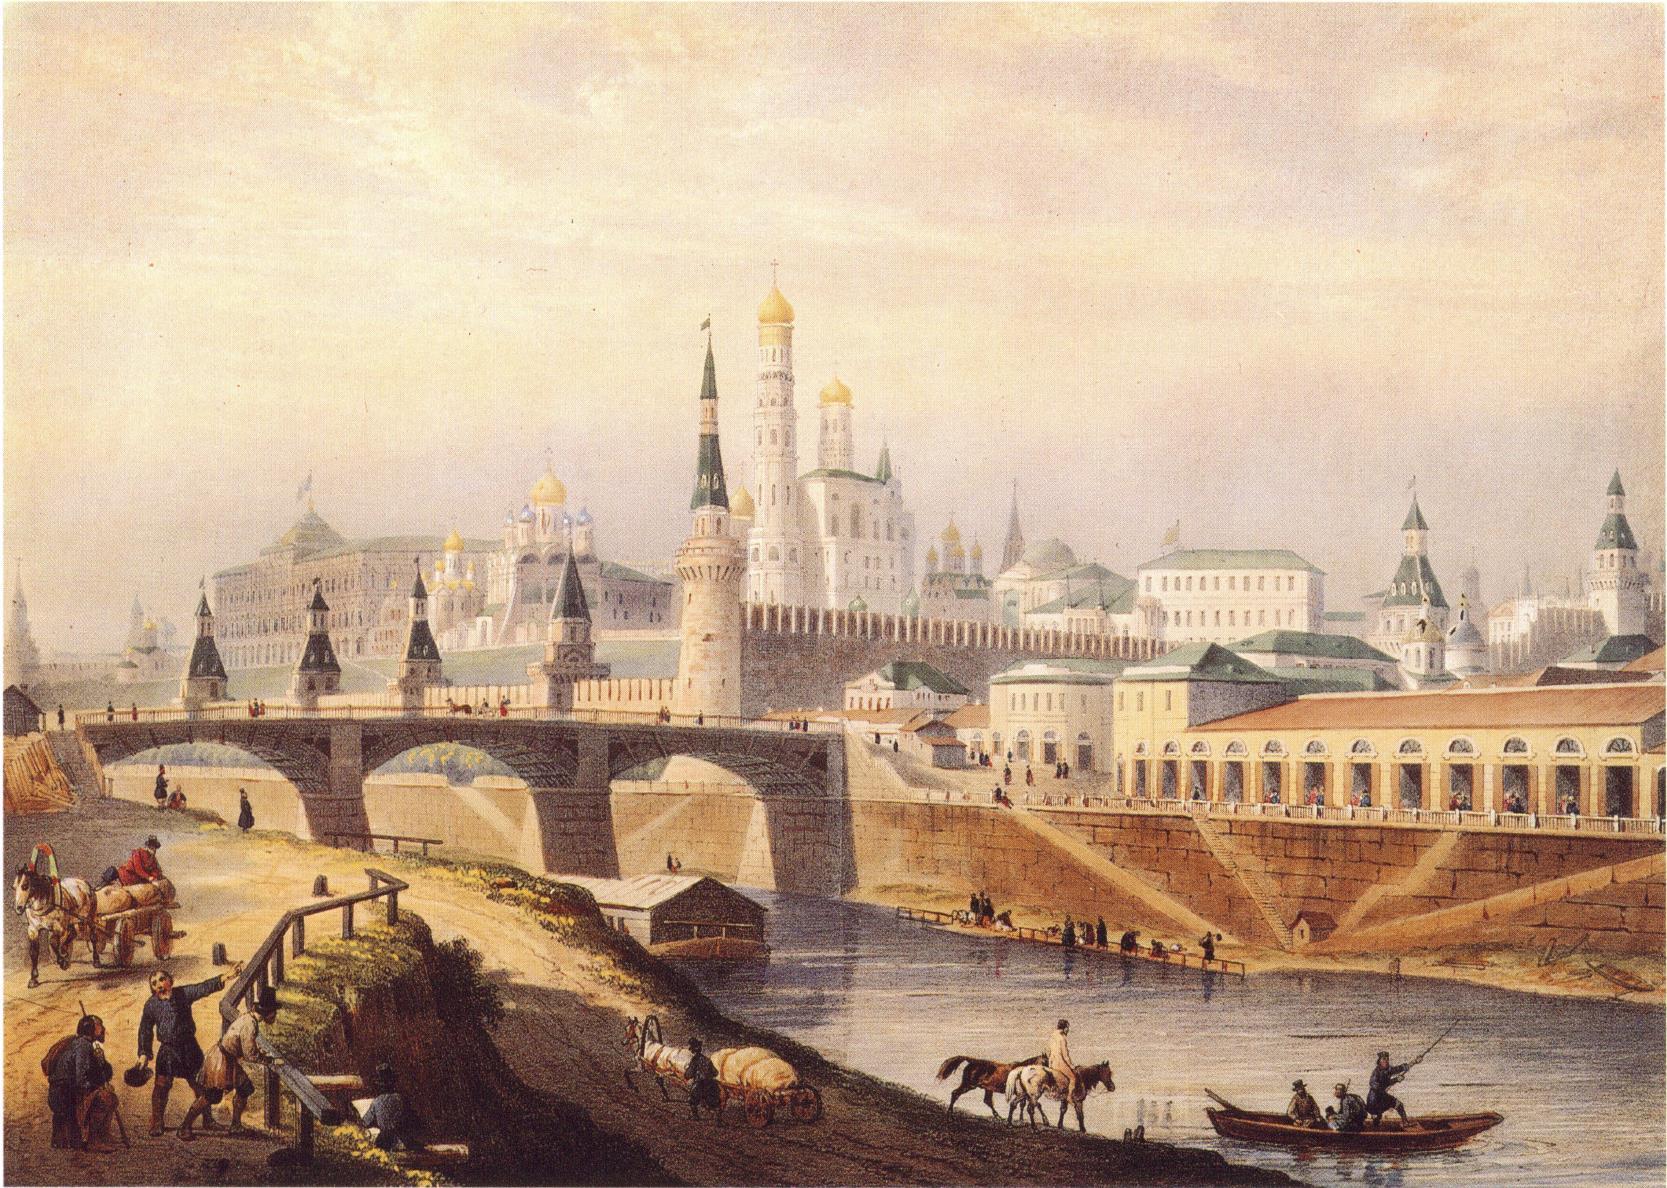 1846. Общий вид Кремля. МОСКВА В ЖИВОПИСНЫХ РАБОТАХ И ГРАФИКЕ